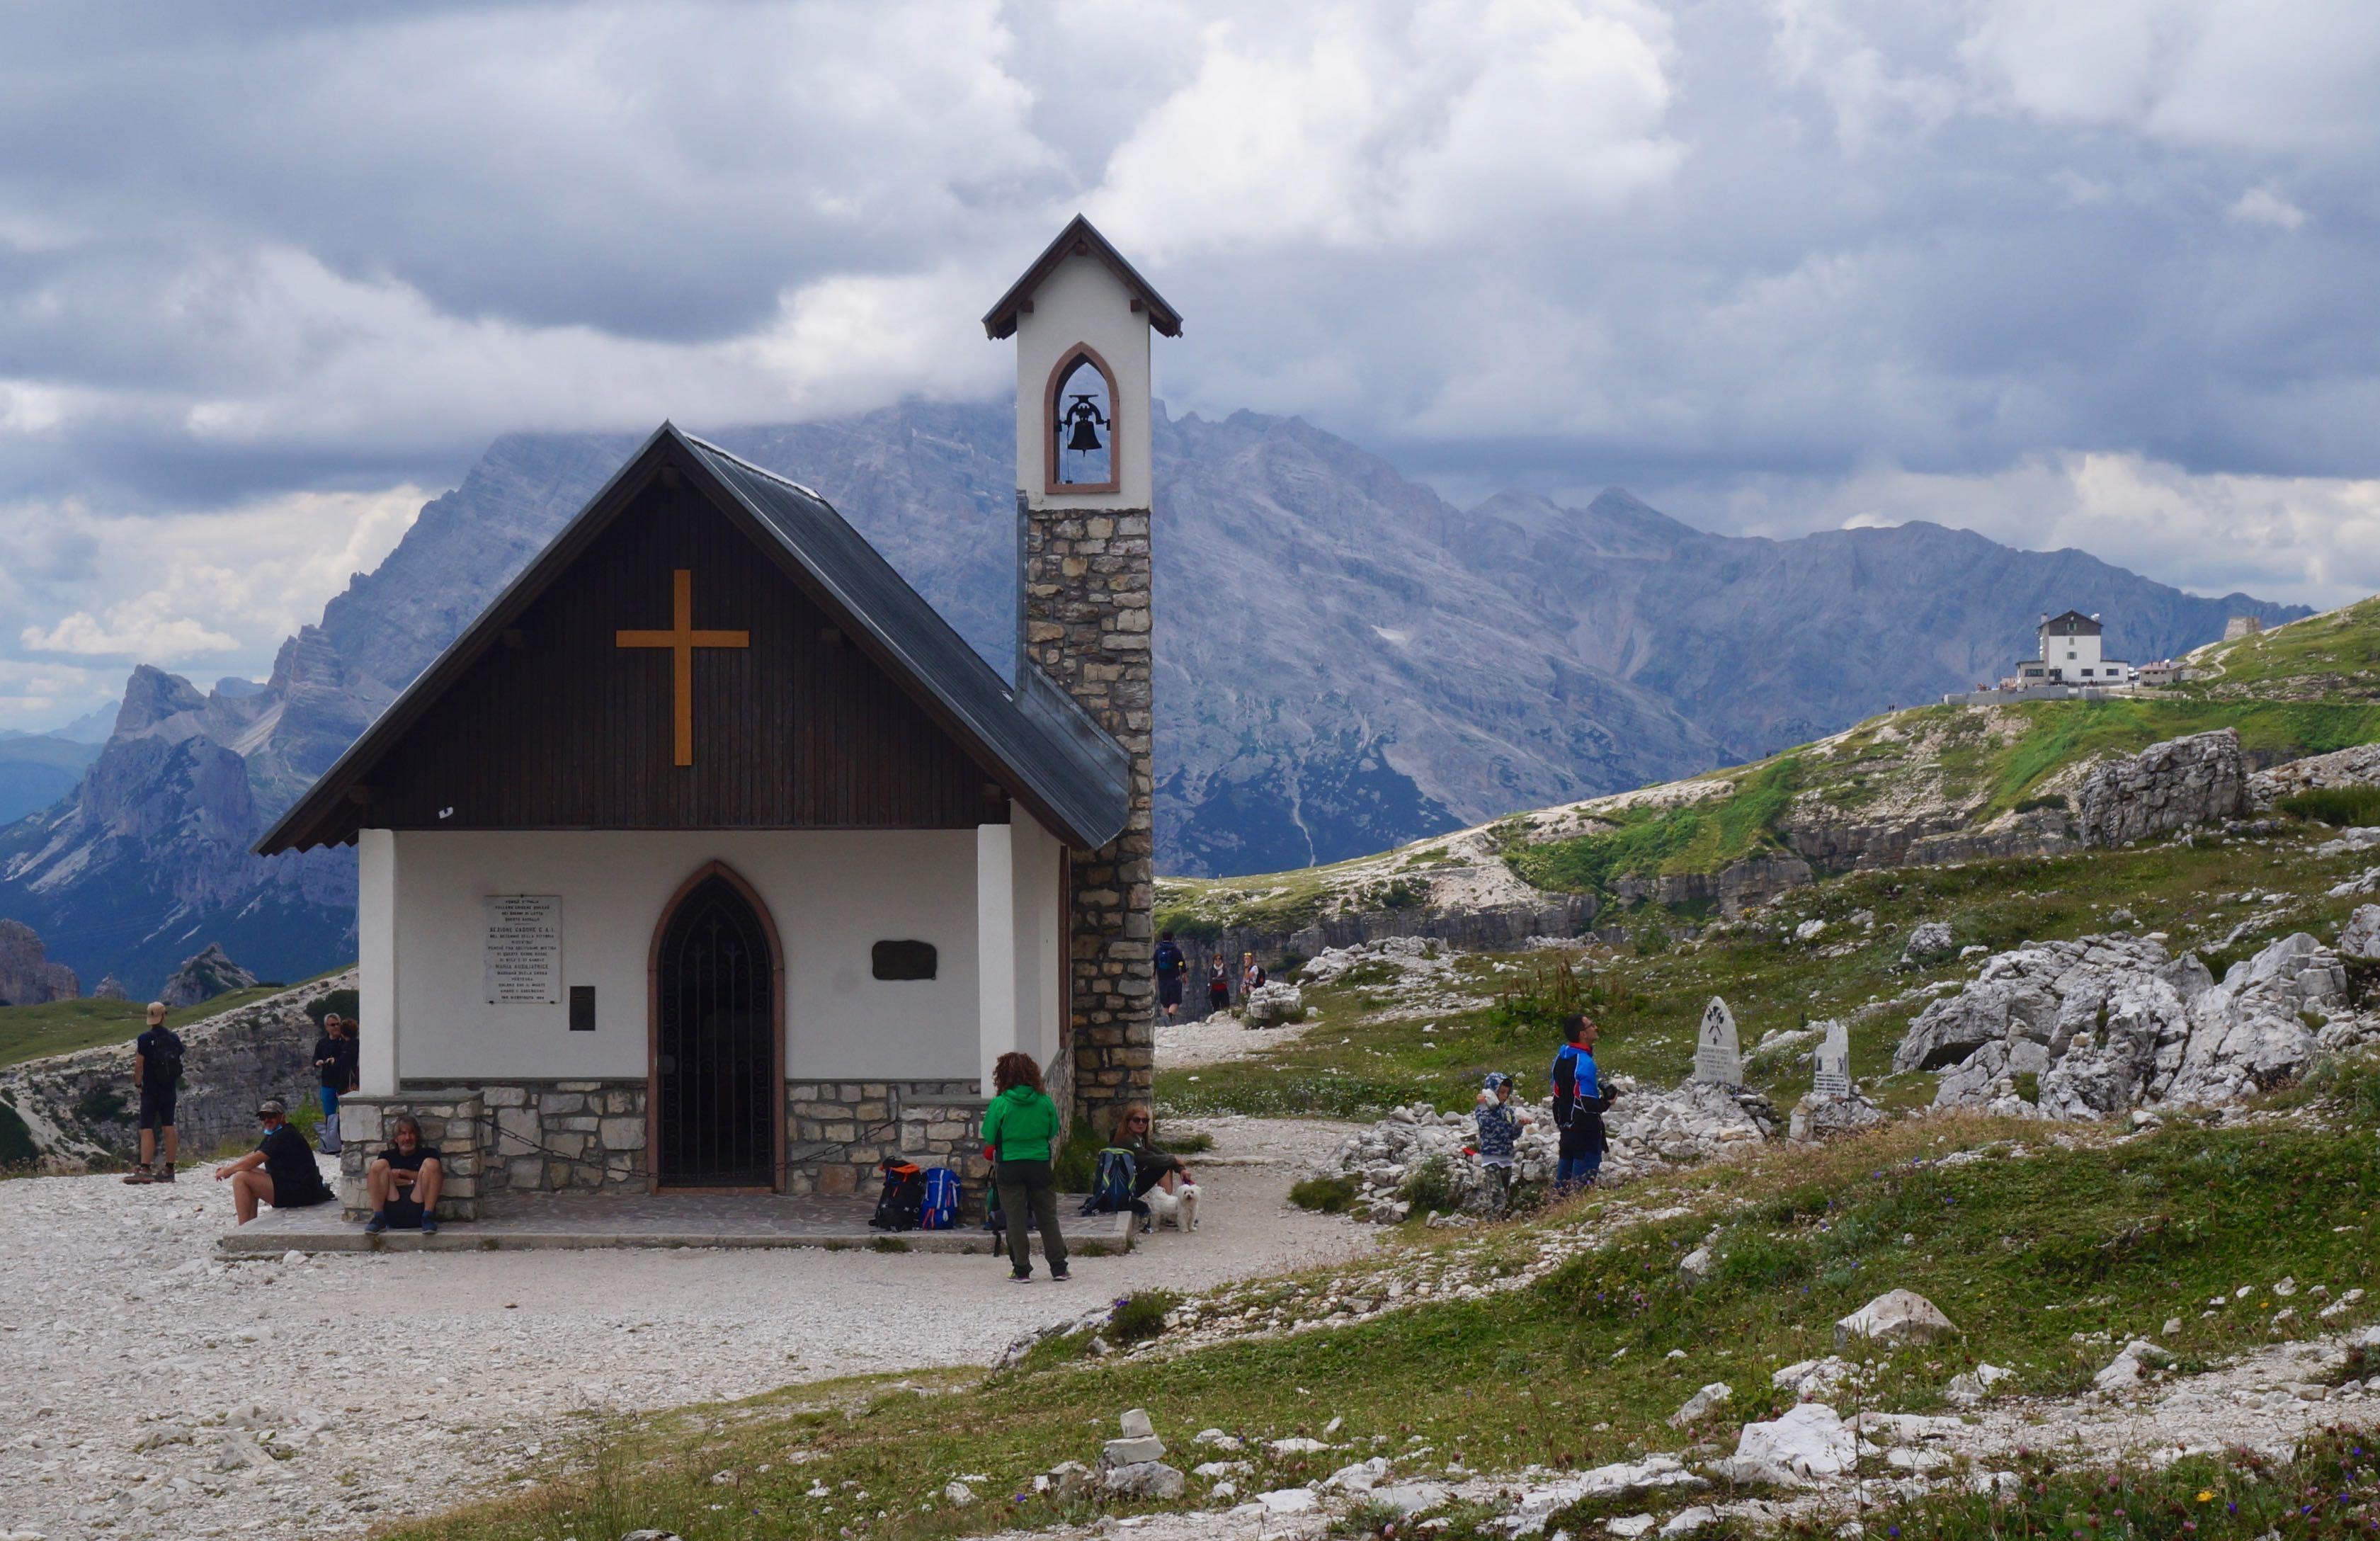 Cappella degli Alpini, tre cime di lavaredo, dolomites, italie